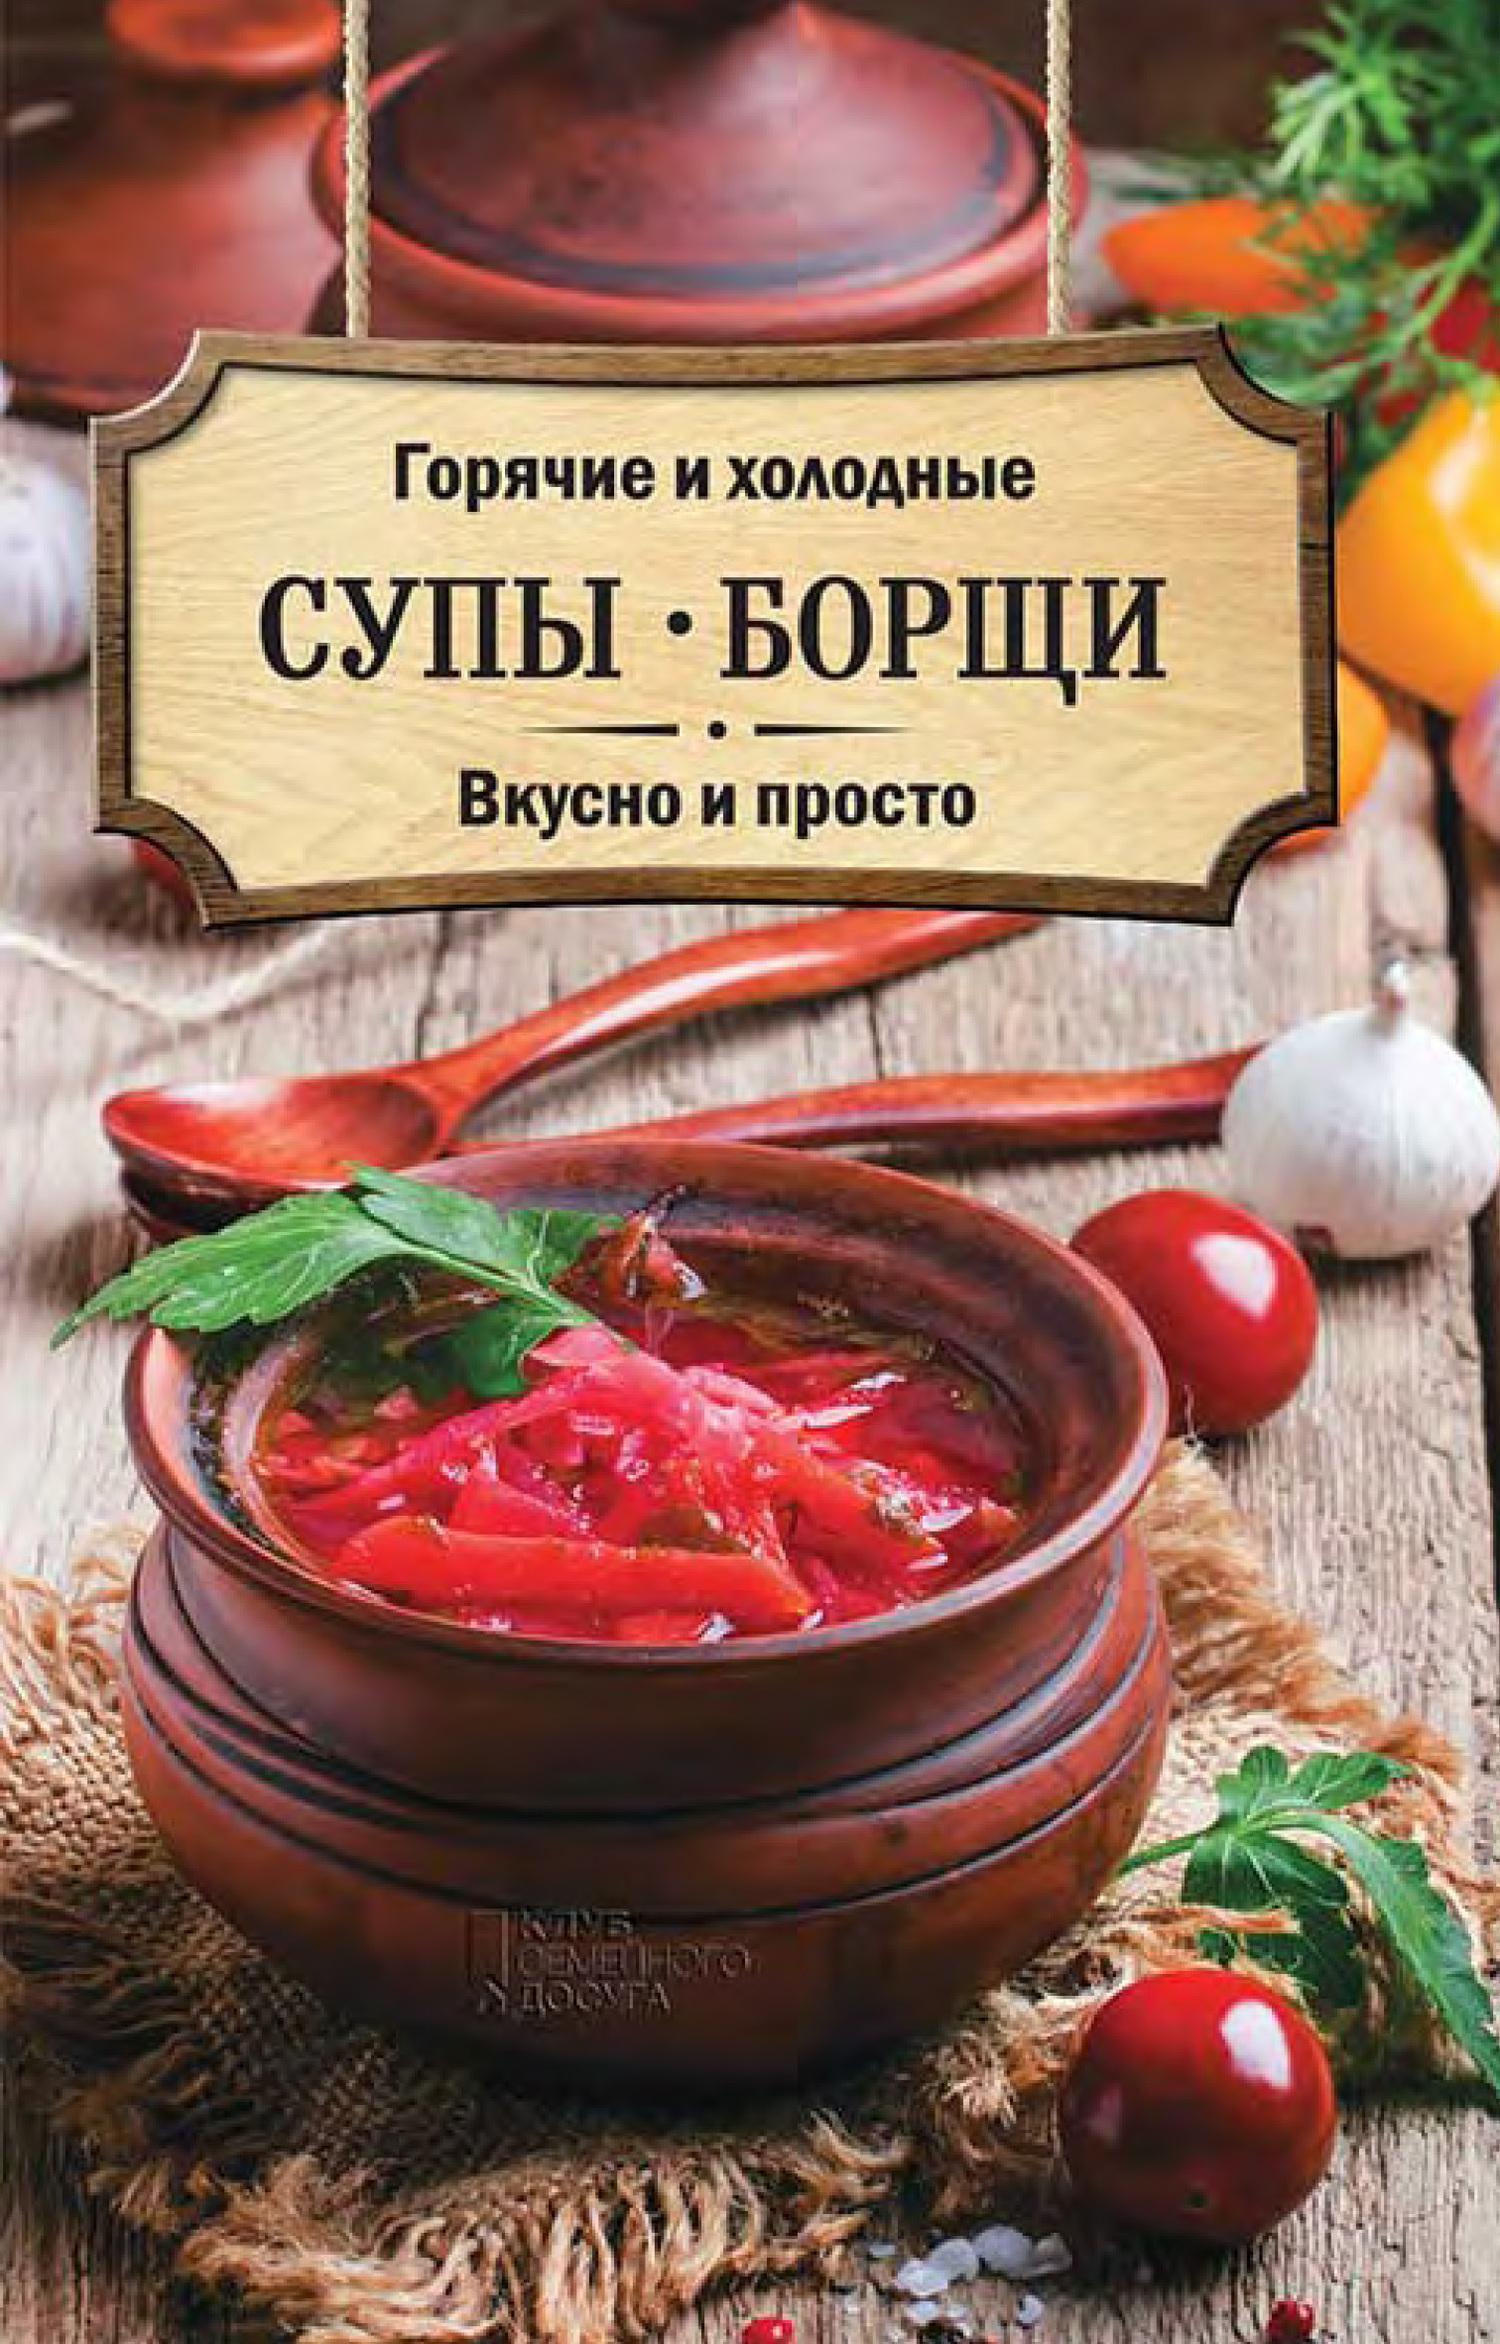 Ольга Кузьмина - Горячие и холодные супы, борщи. Вкусно и просто